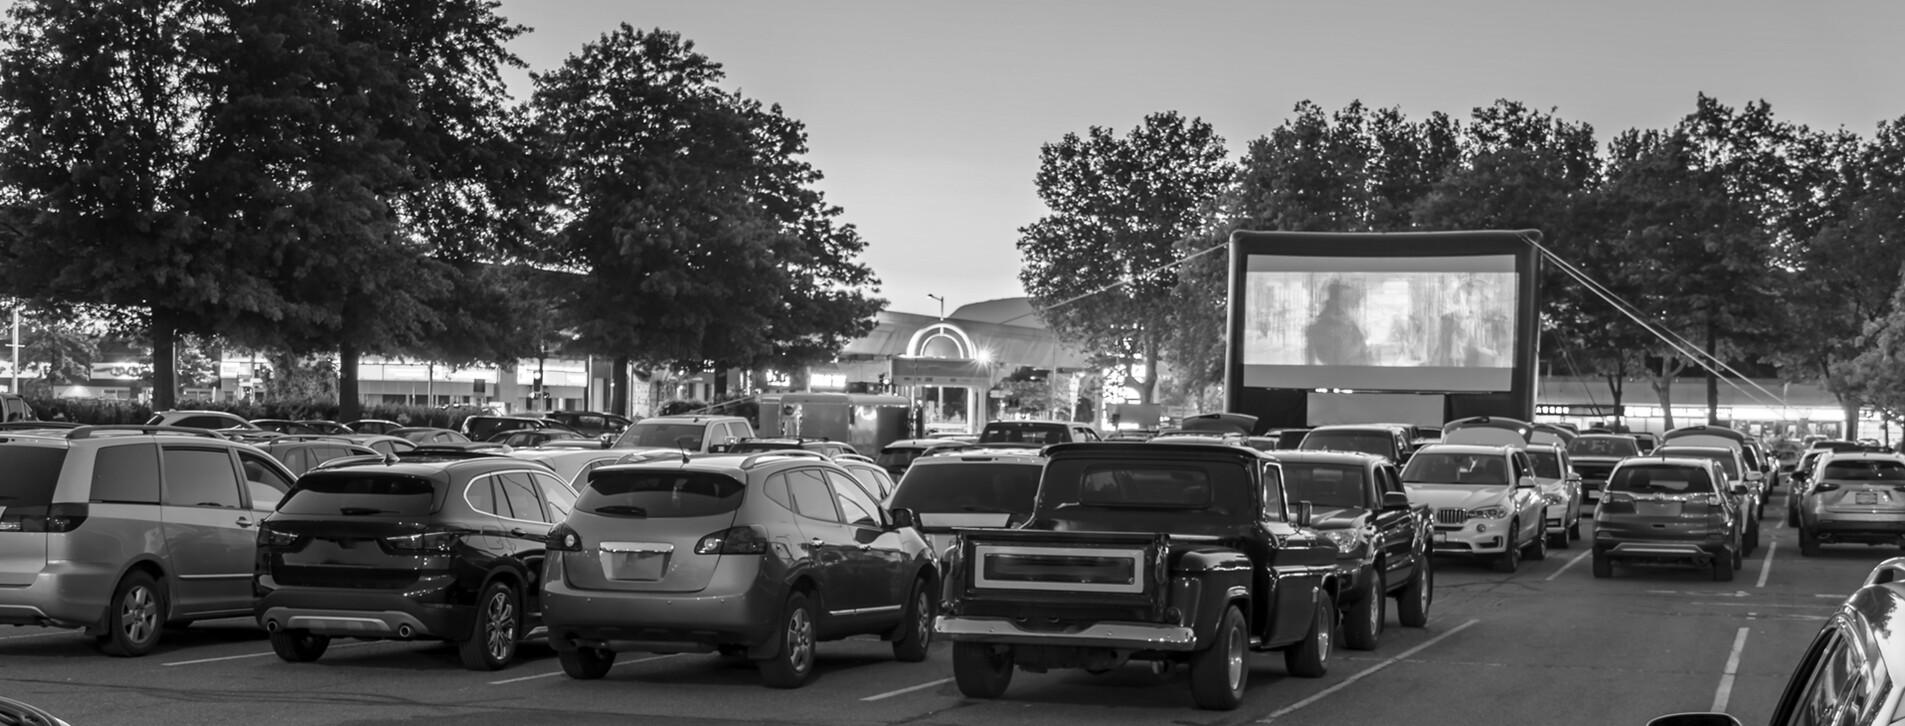 Фото 1 - Кинодром для двоих